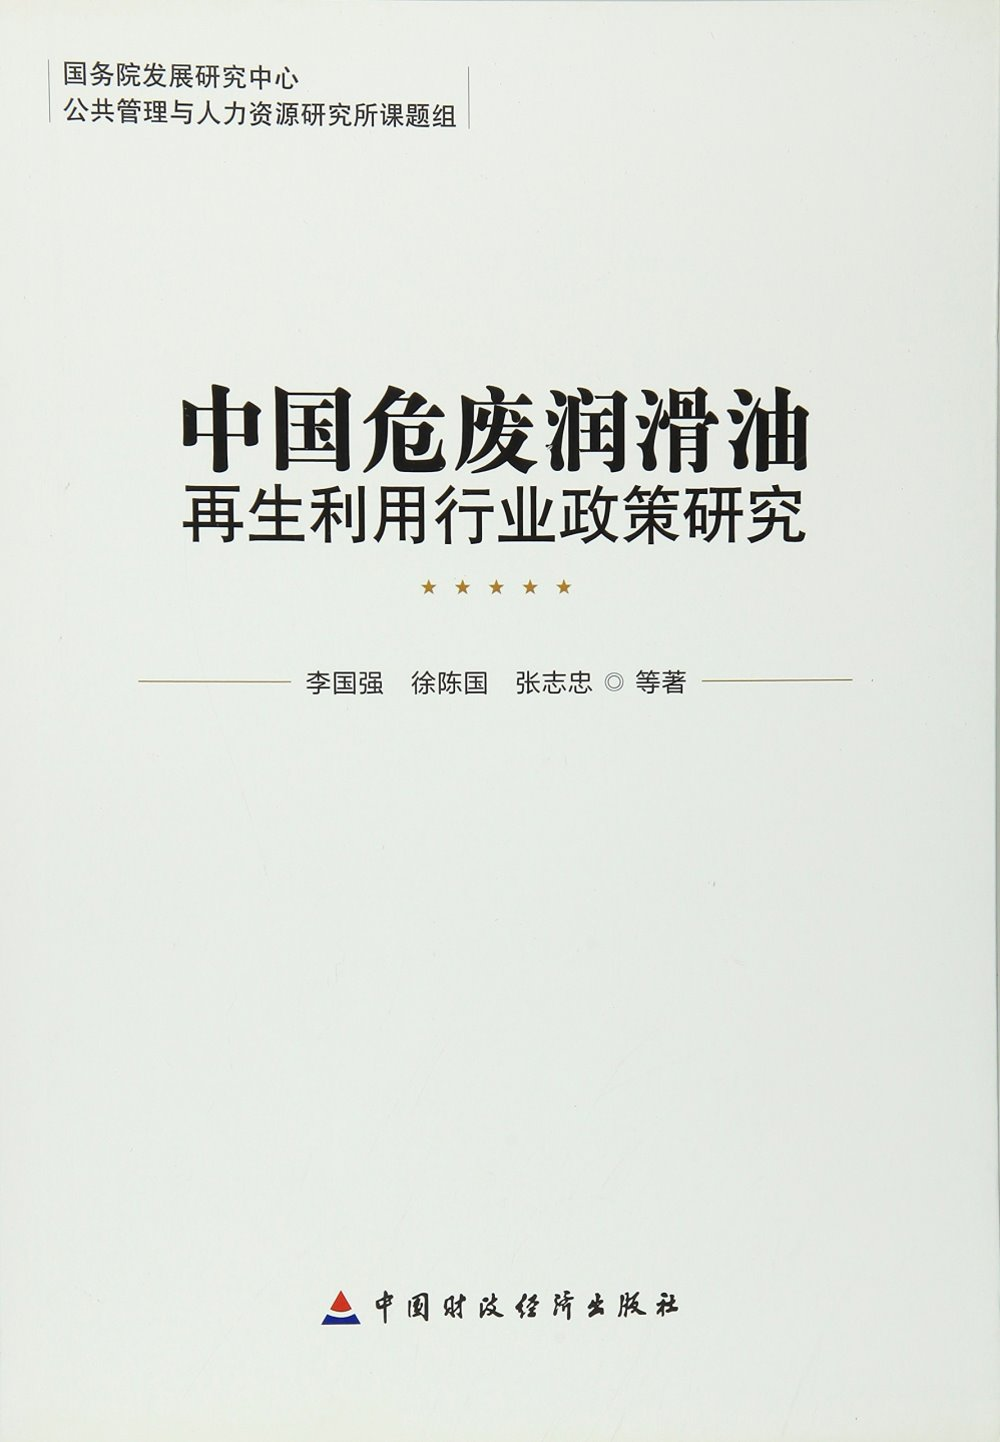 中國危廢潤滑油再生利用行業政策研究